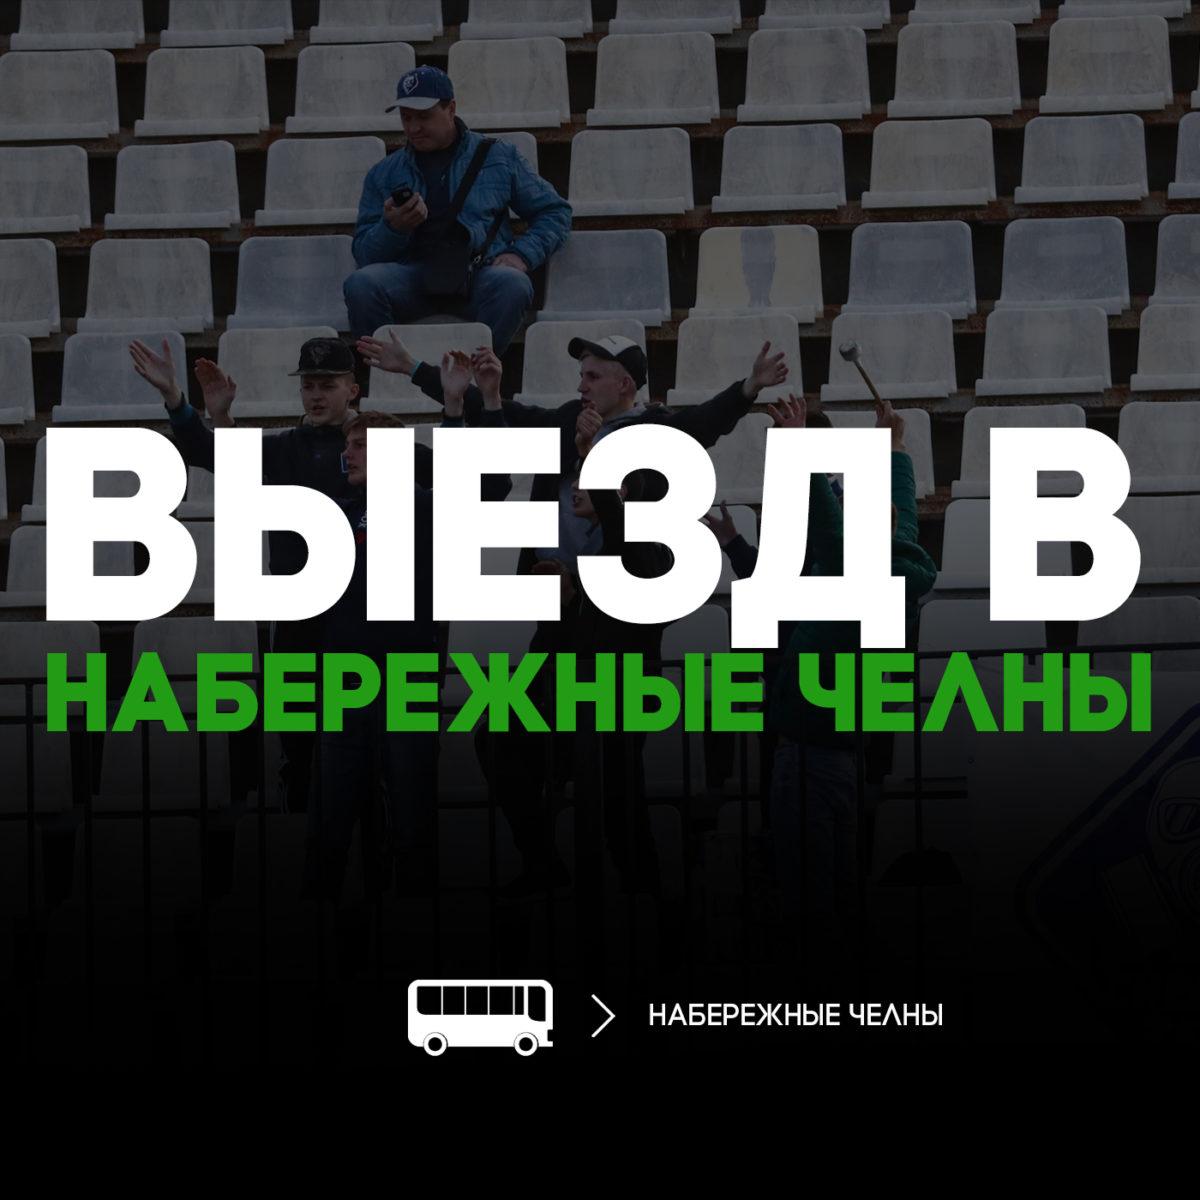 Автобусыдля болельщиков на игру в Набережные Челны